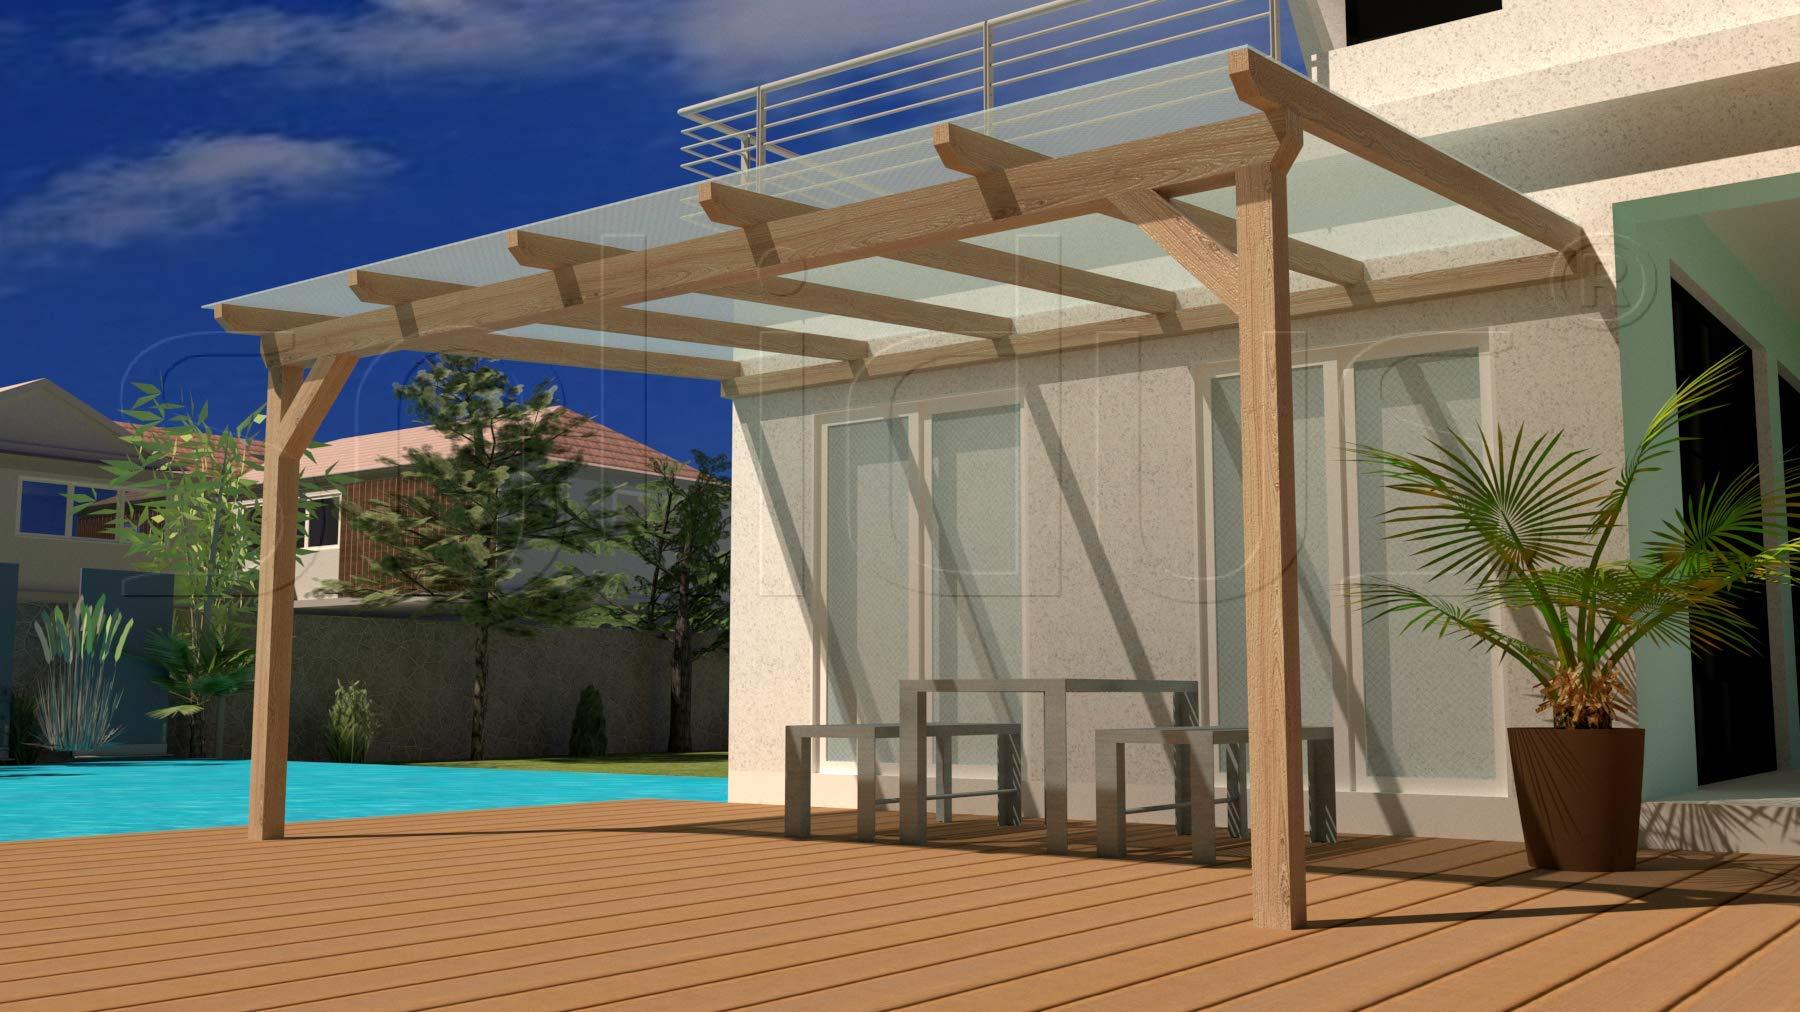 300 x 300 cm hap para organizador de madera terrazas toldo + ...